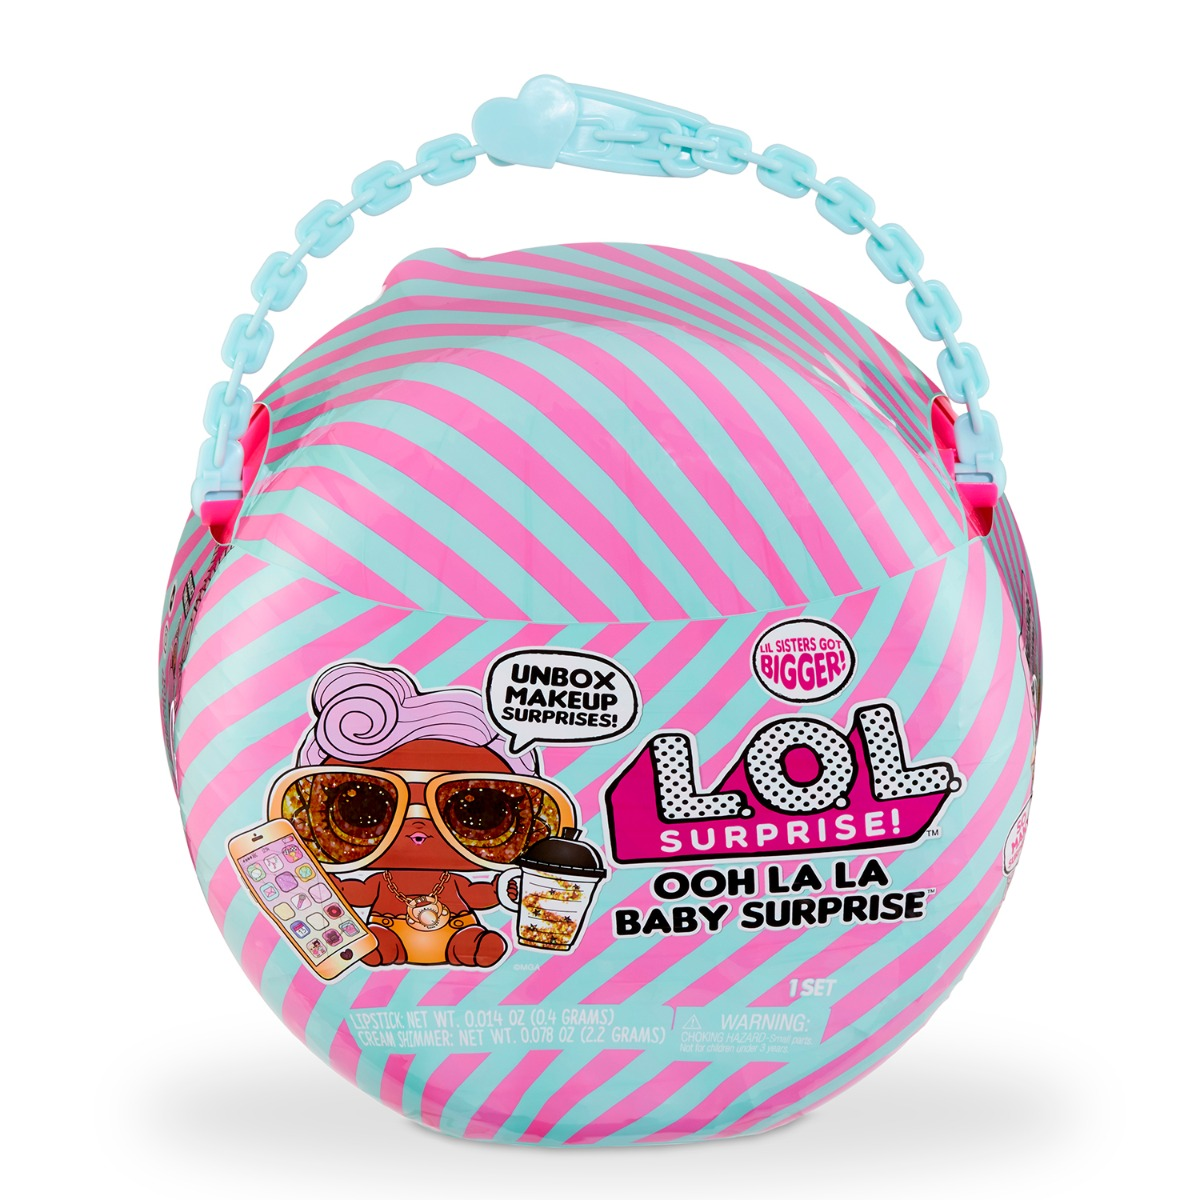 LOL Surprise Ooh La La Baby Surprise - Lil DJ, 562481